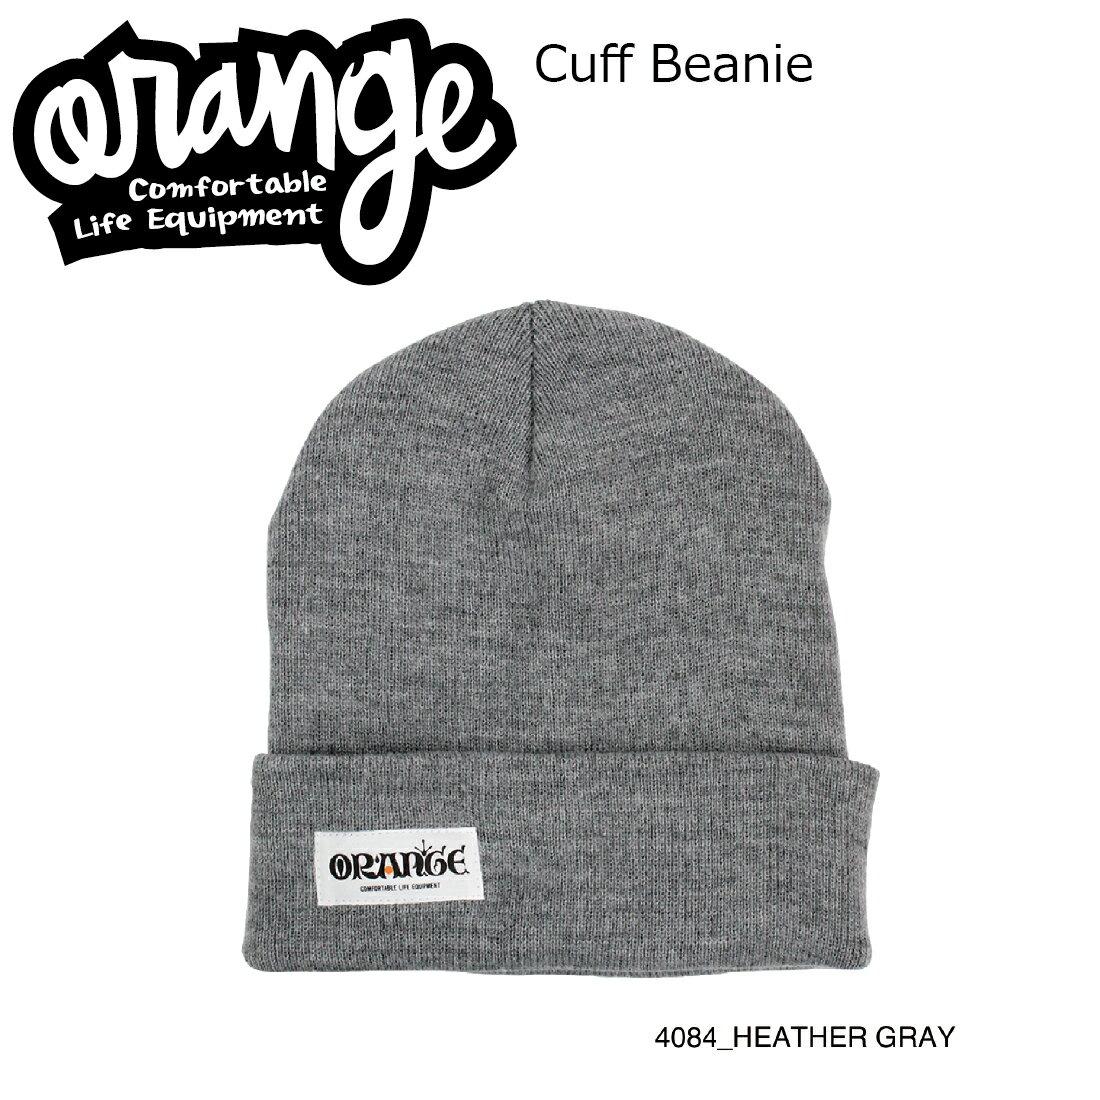 Oran'ge Cuff Beanie 4084 HEATHER GRAY オレンジ カフ ビーニー ニットキャップ 2つ折り